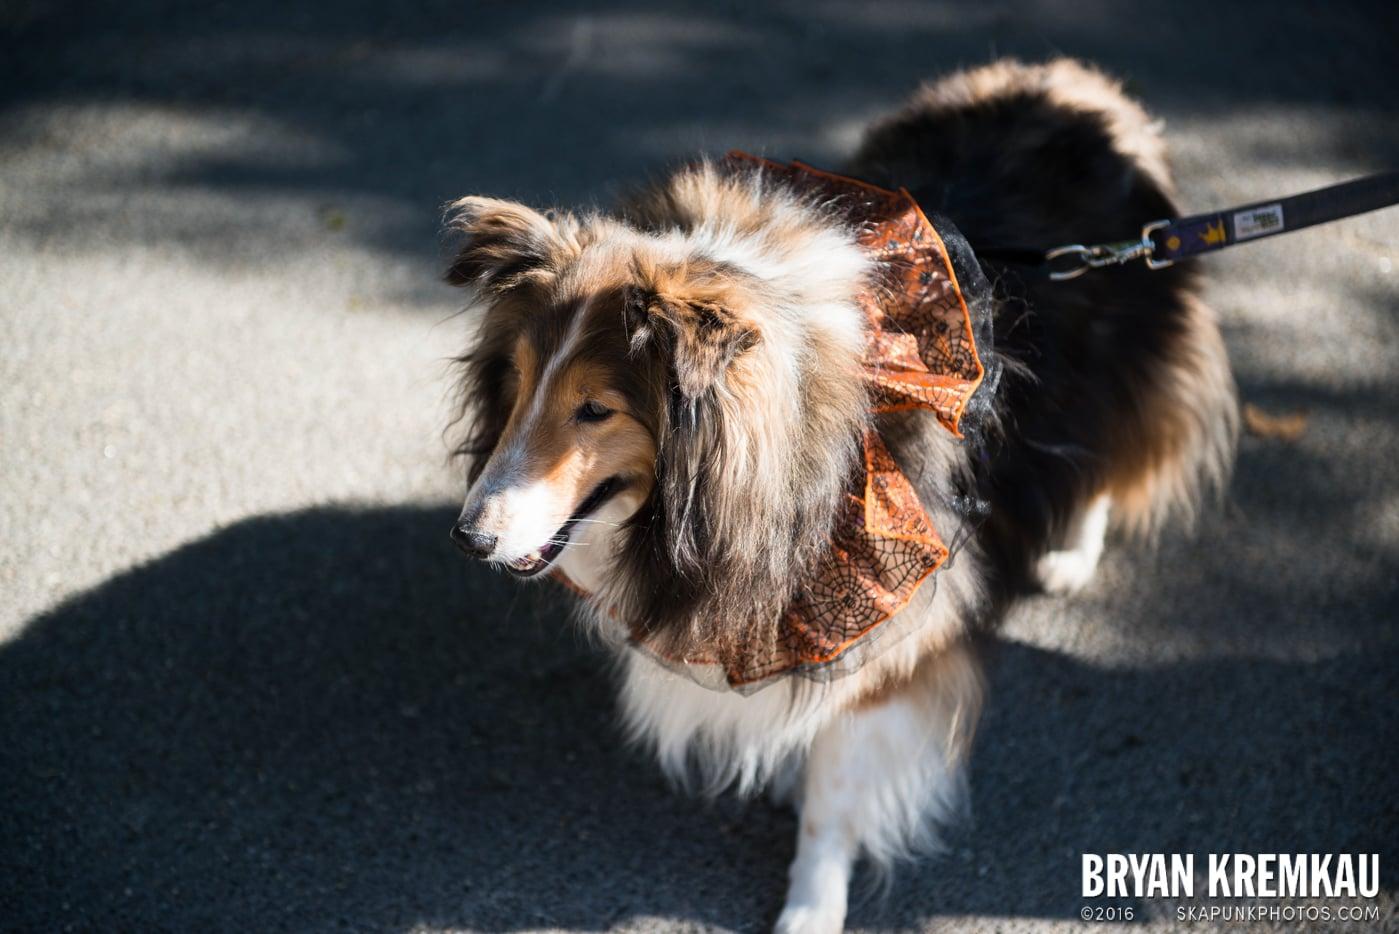 Tompkins Square Halloween Dog Parade 2013 @ Tompkins Square Park, NYC - 10.26.13 (76)